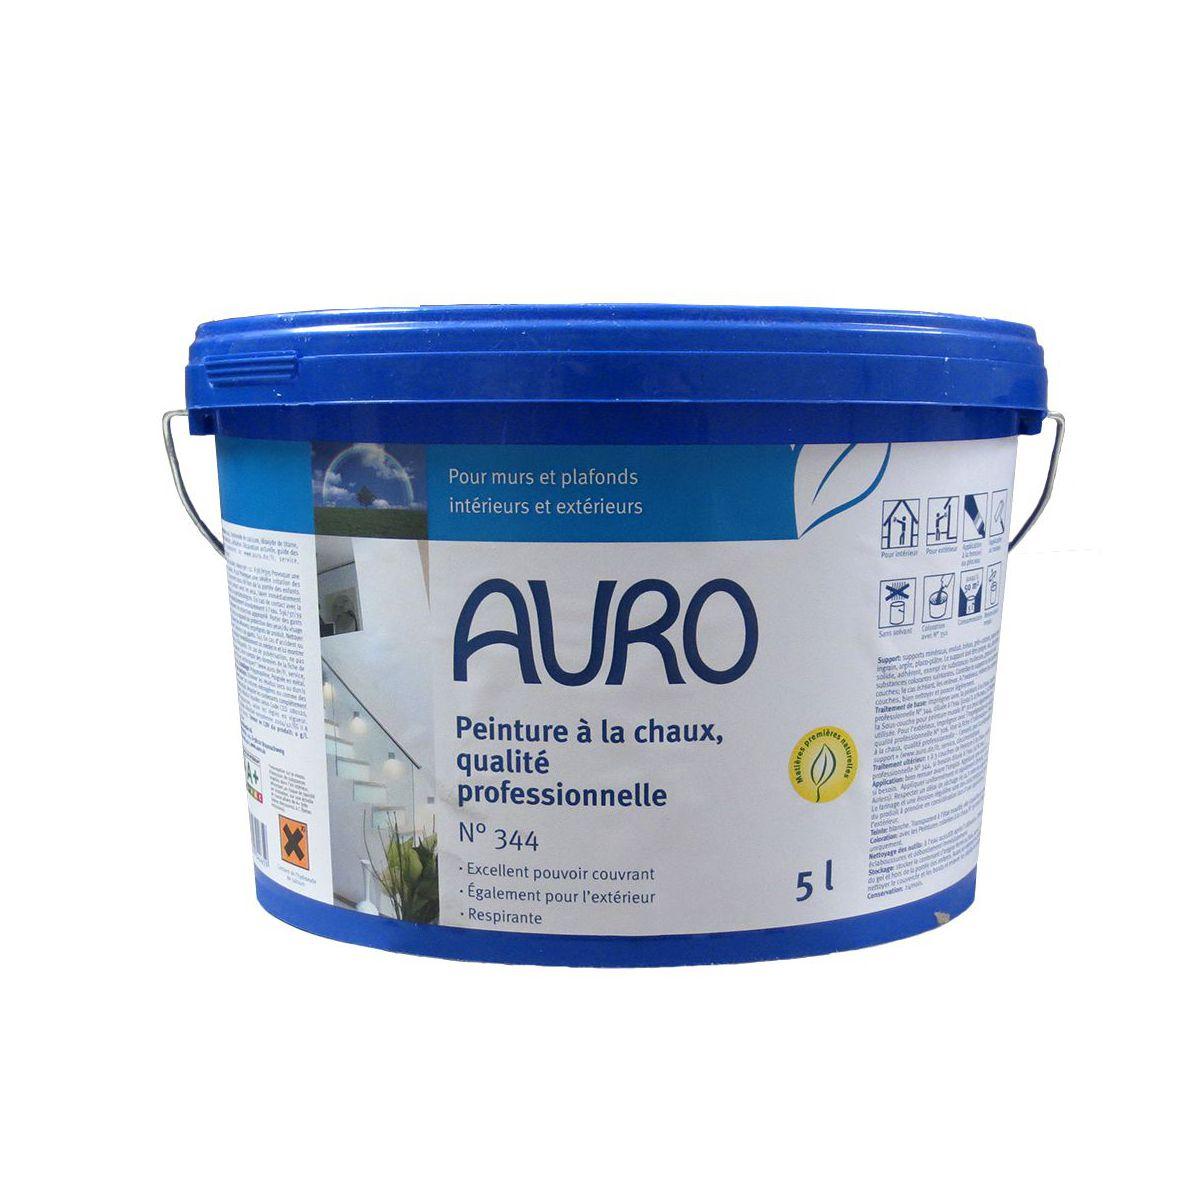 Peinture naturelle la chaux qualit professionnelle auro n 344 for Peinture qualite